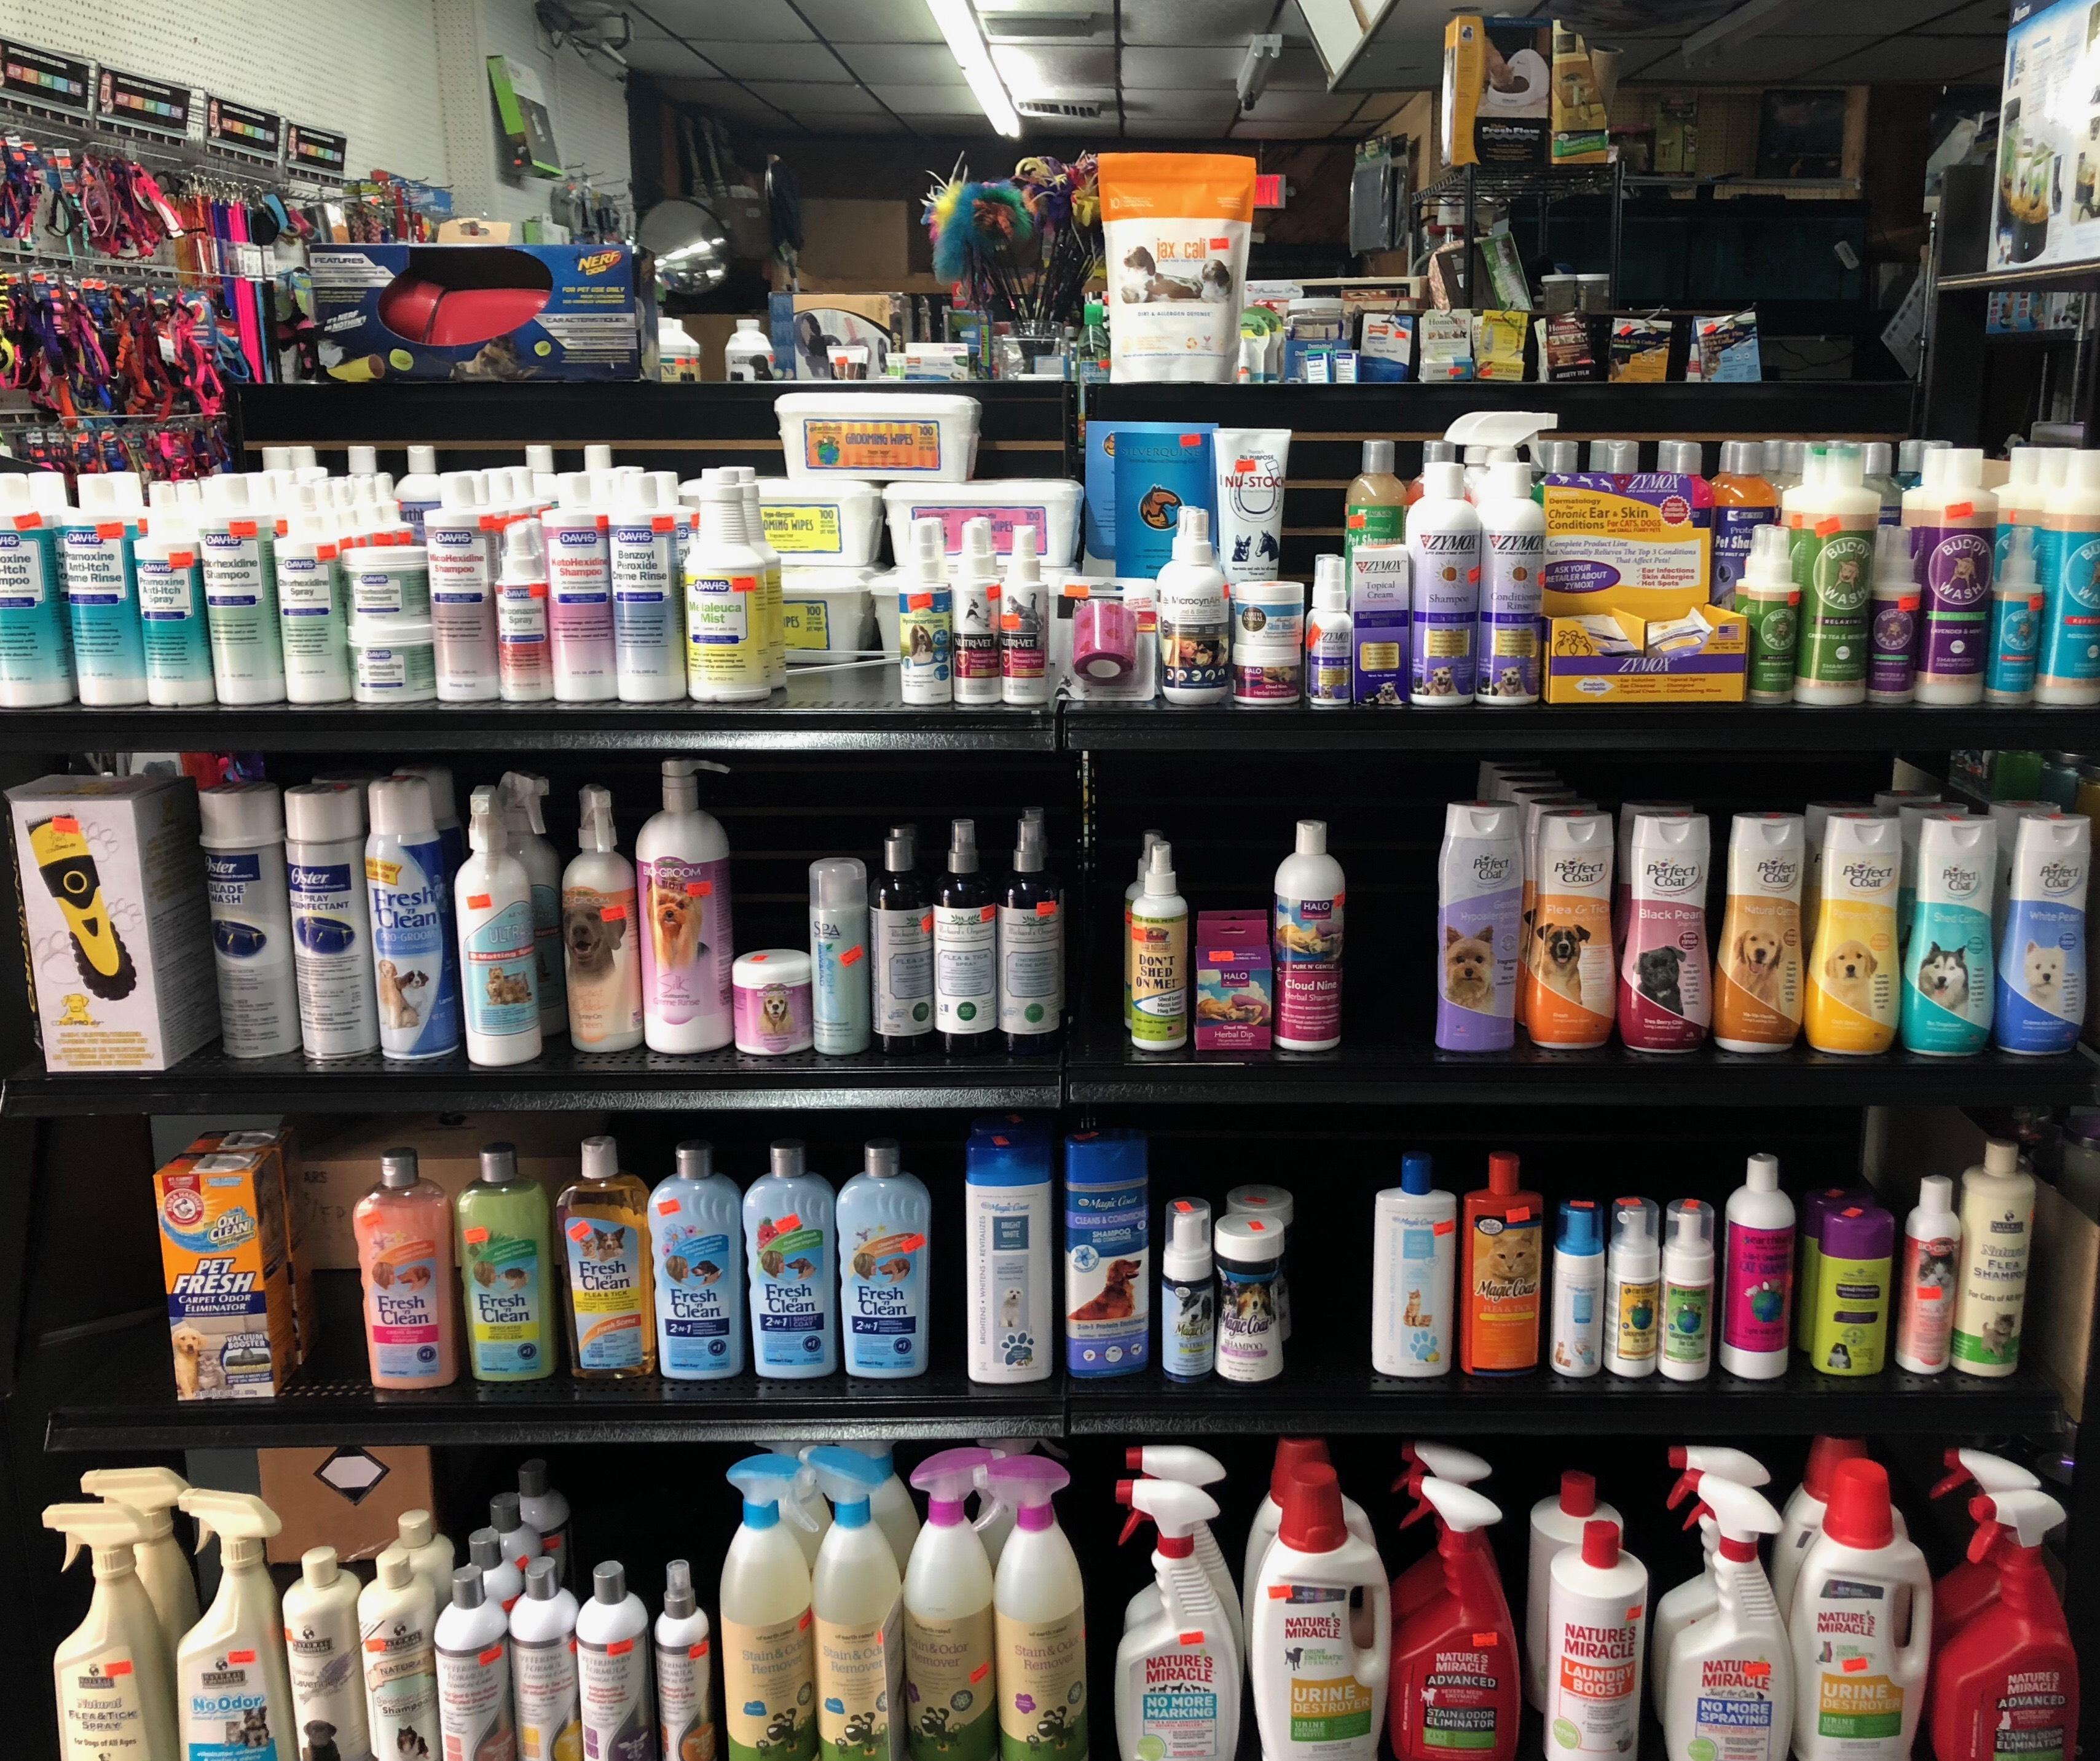 Suds, Shampoos & Smell Goods